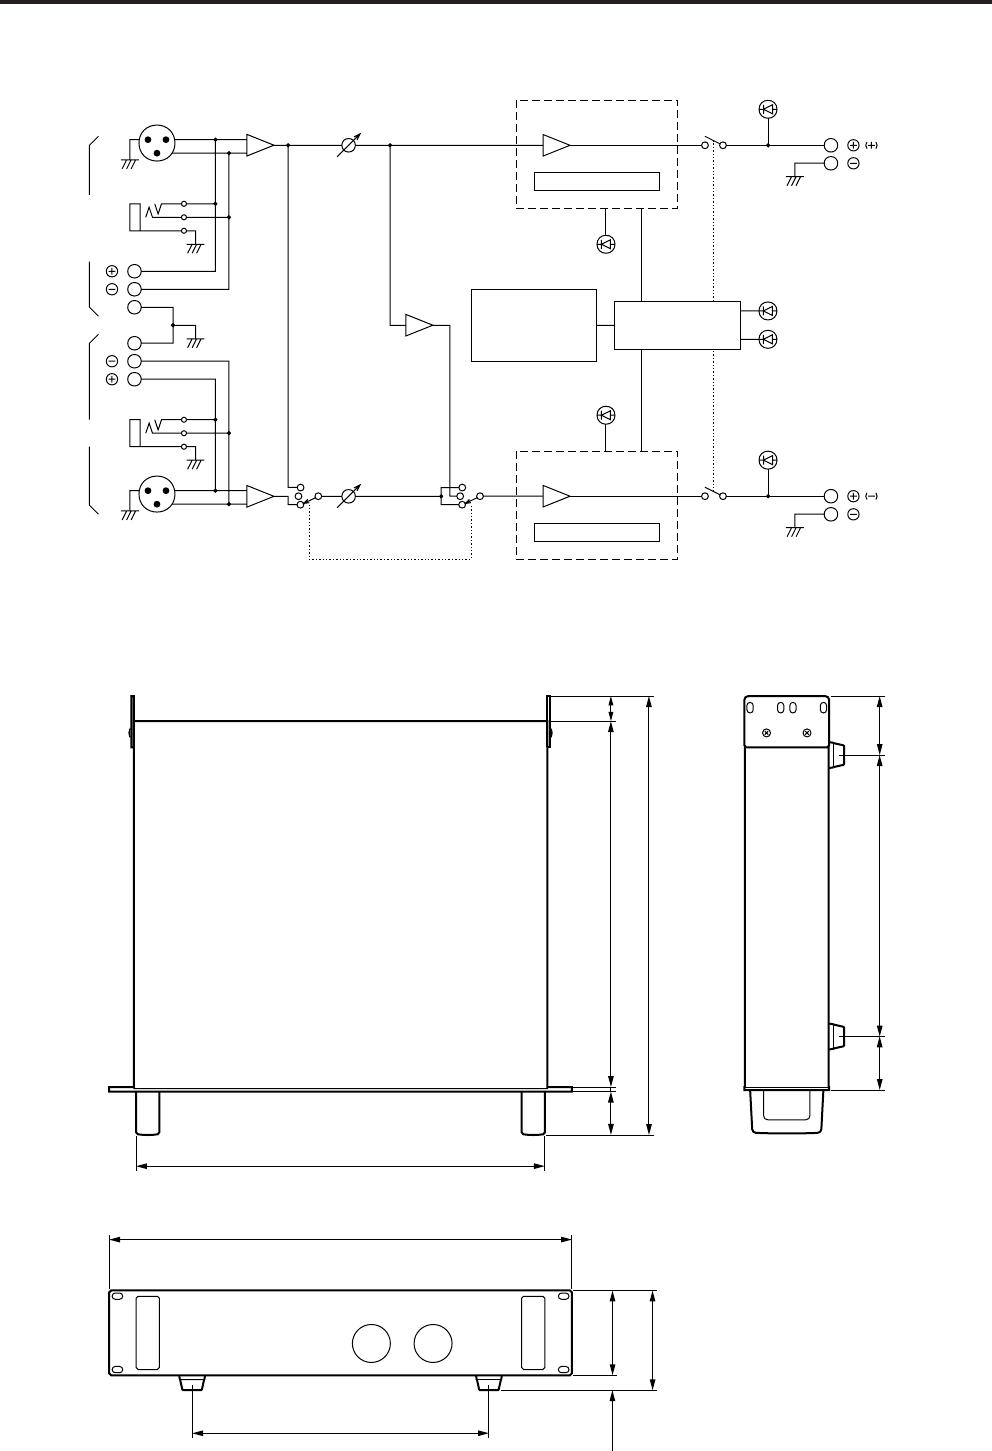 Yamaha P1600 P3200 P4500 Block Diagram Dimensions 9